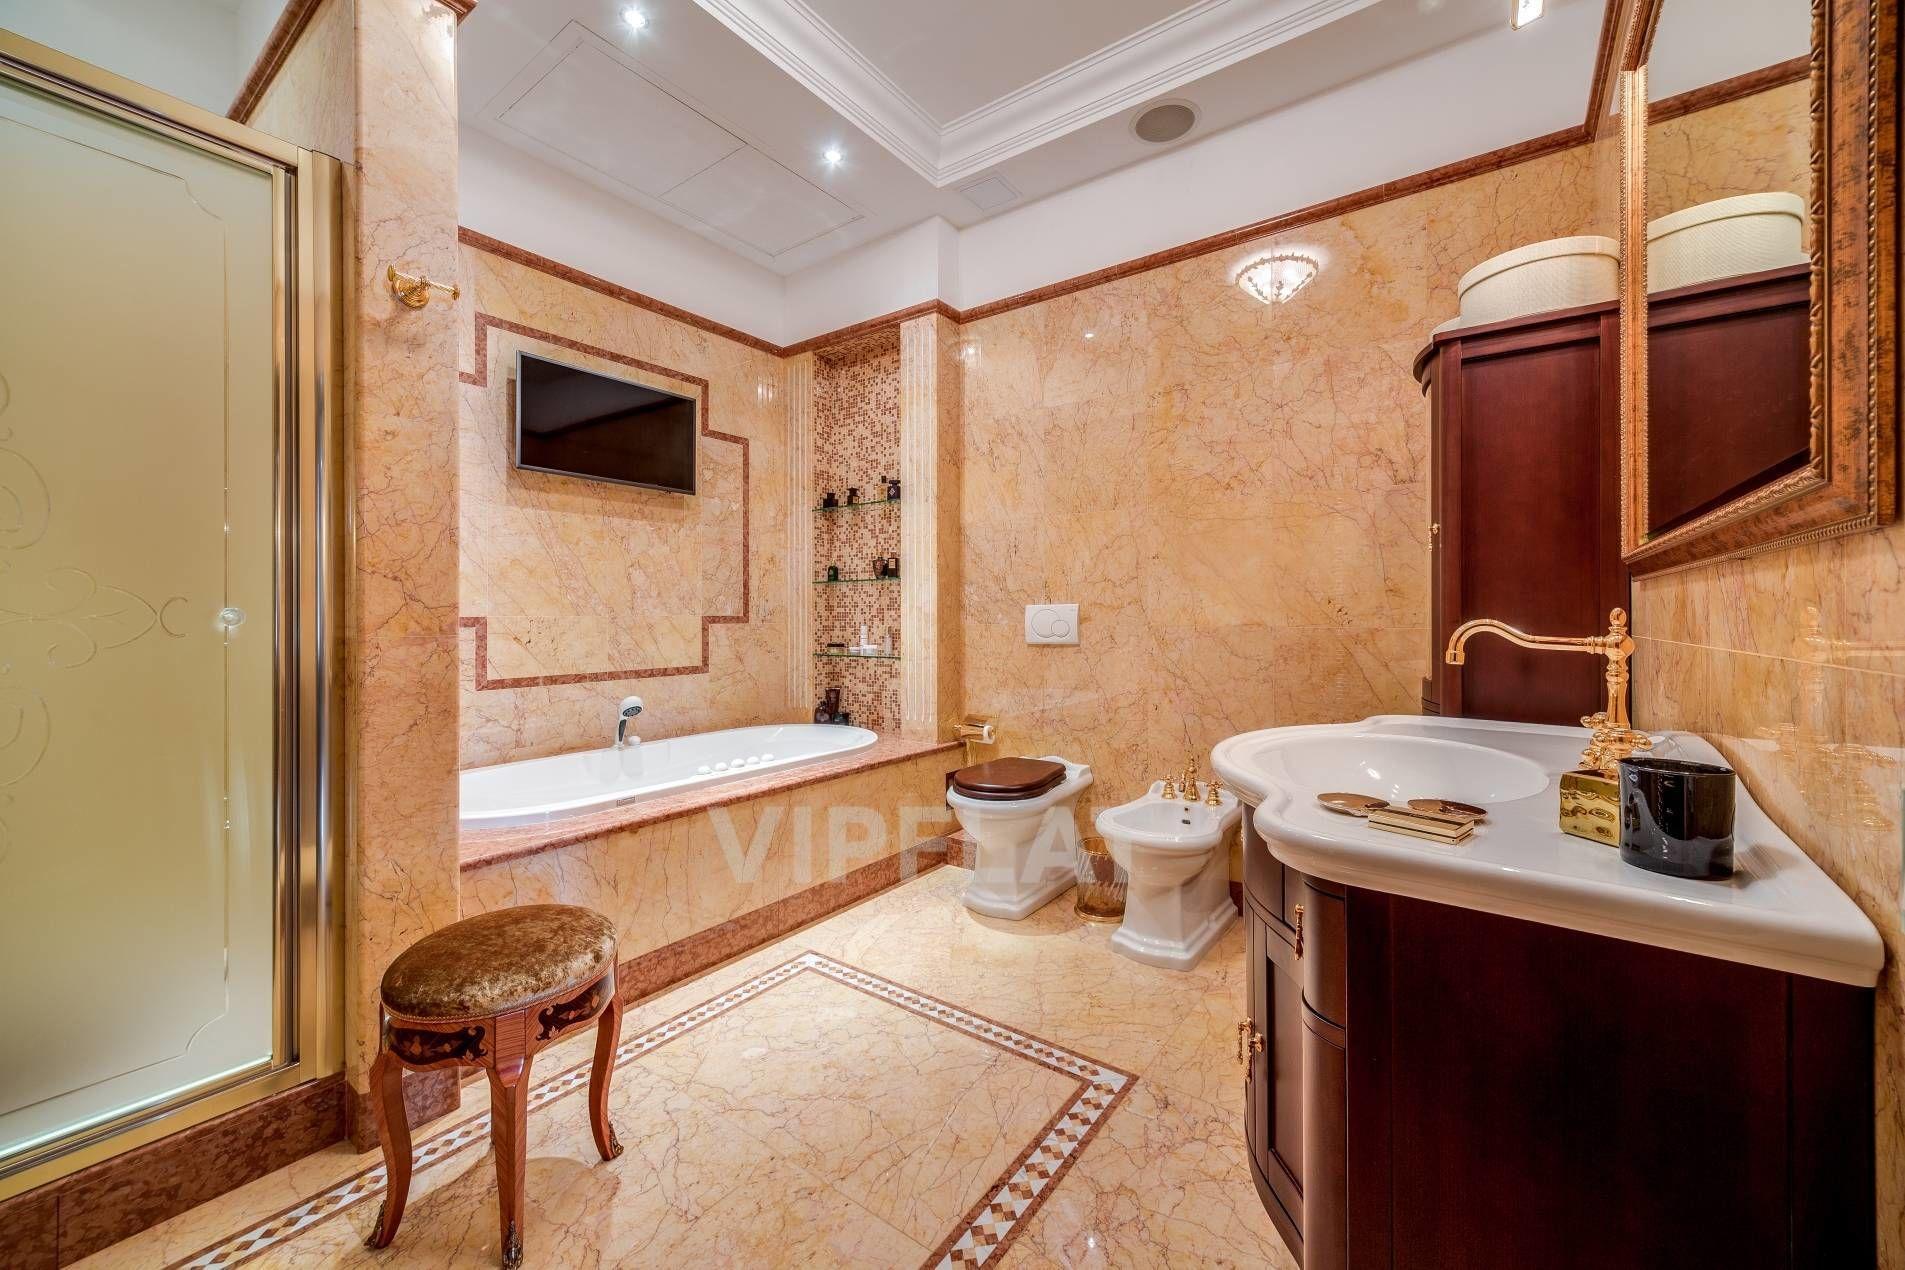 Продажа элитных квартир Санкт-Петербурга. Песочная наб., 12 Просторная ванная комната